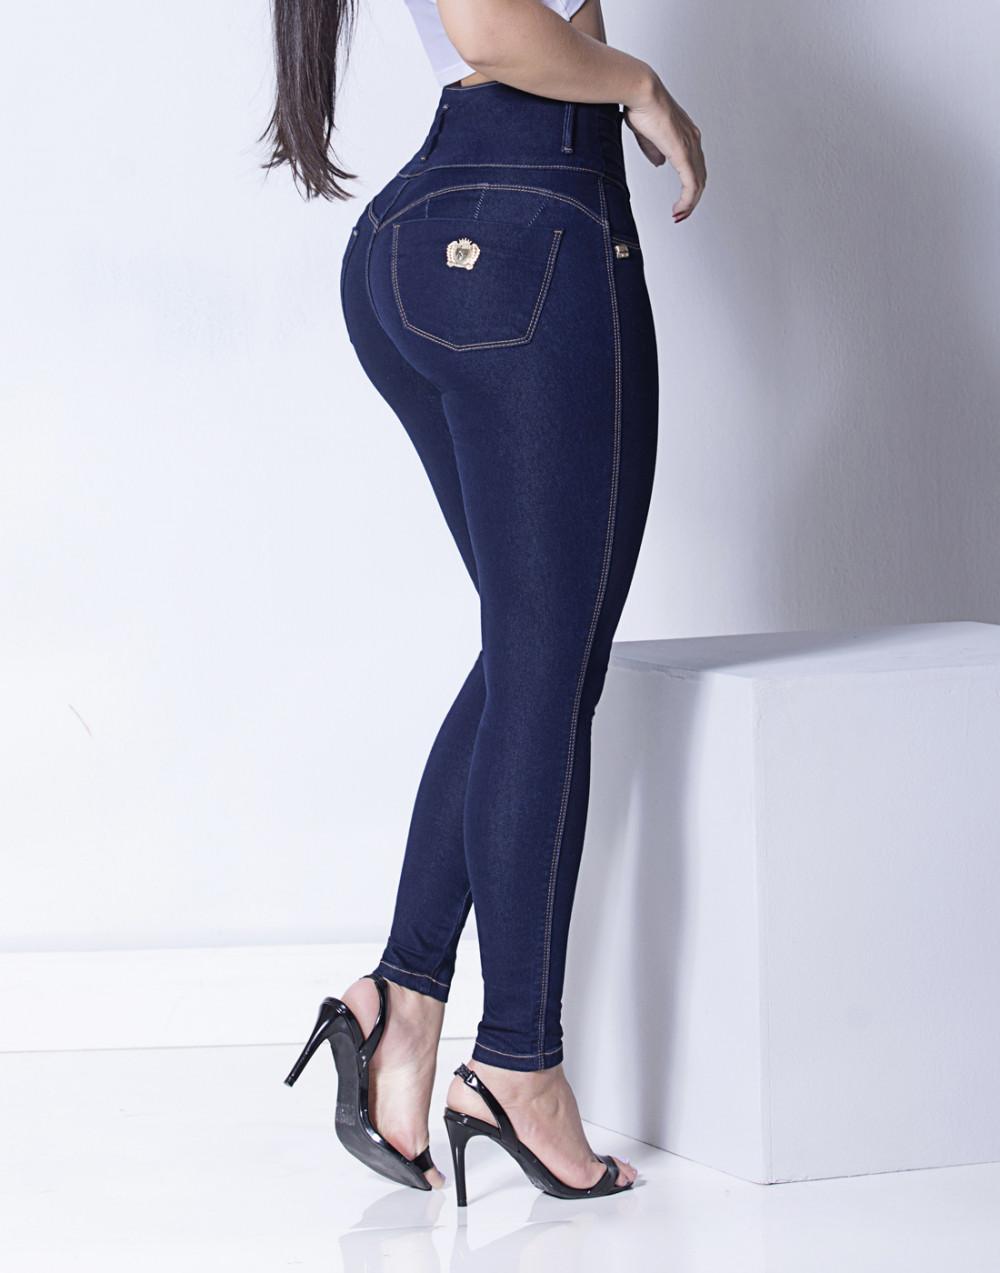 Calça Jeans Body Shape Set Jeans